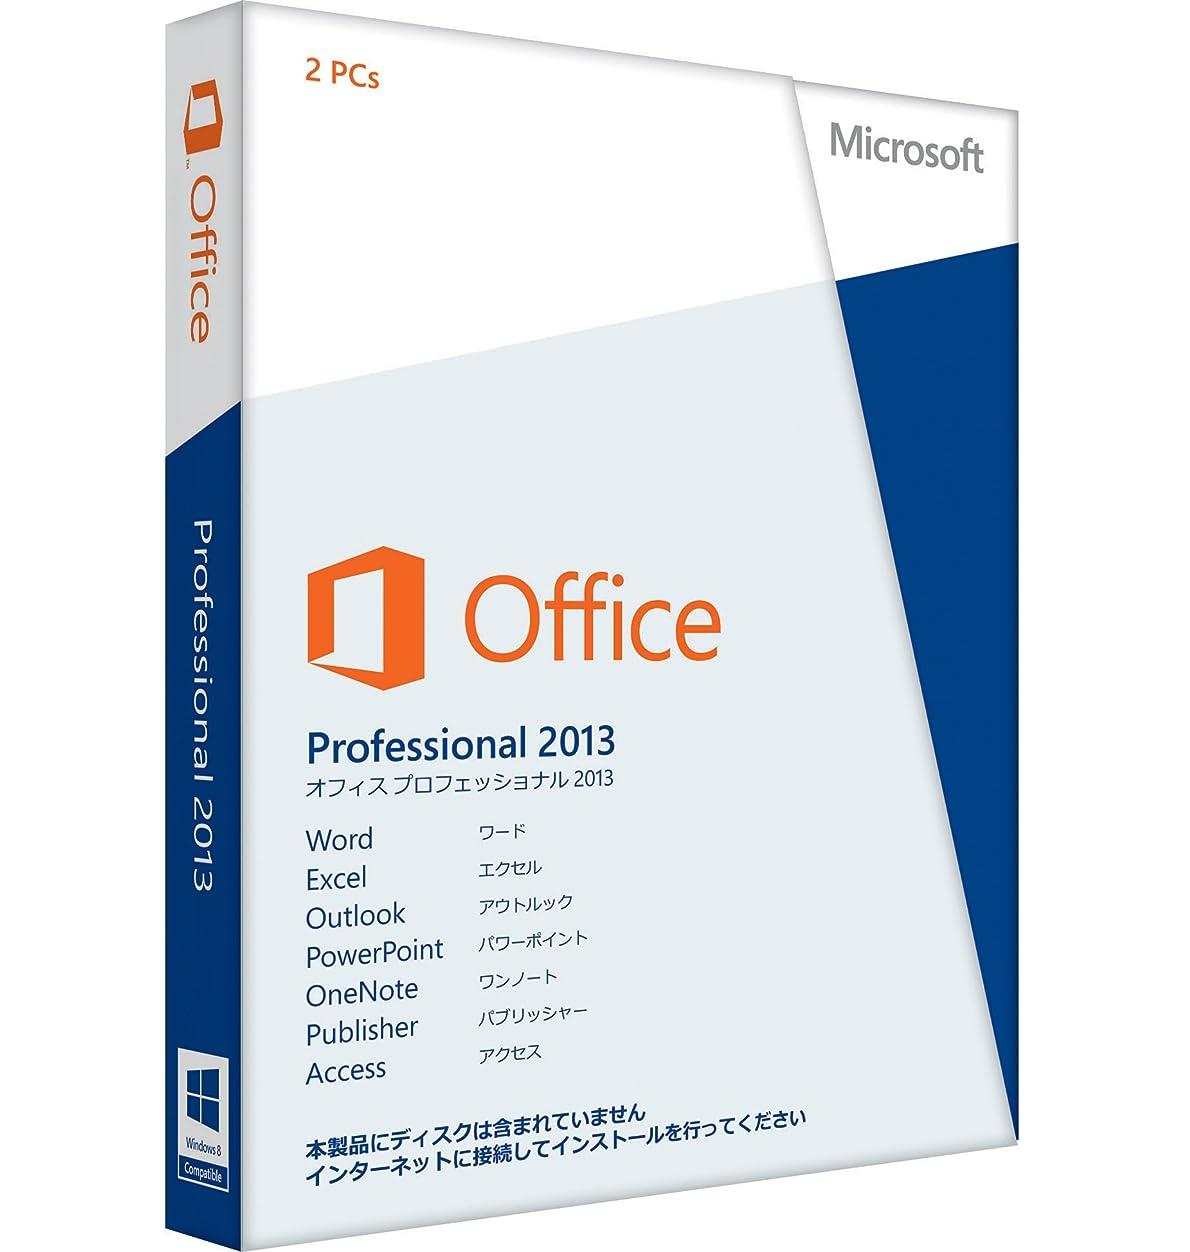 誓い申し立てられた高める【旧商品/2016年メーカー出荷終了】Microsoft Office Professional 2013 [プロダクトキーのみ] [パッケージ] [Windows版](PC2台/1ライセンス)